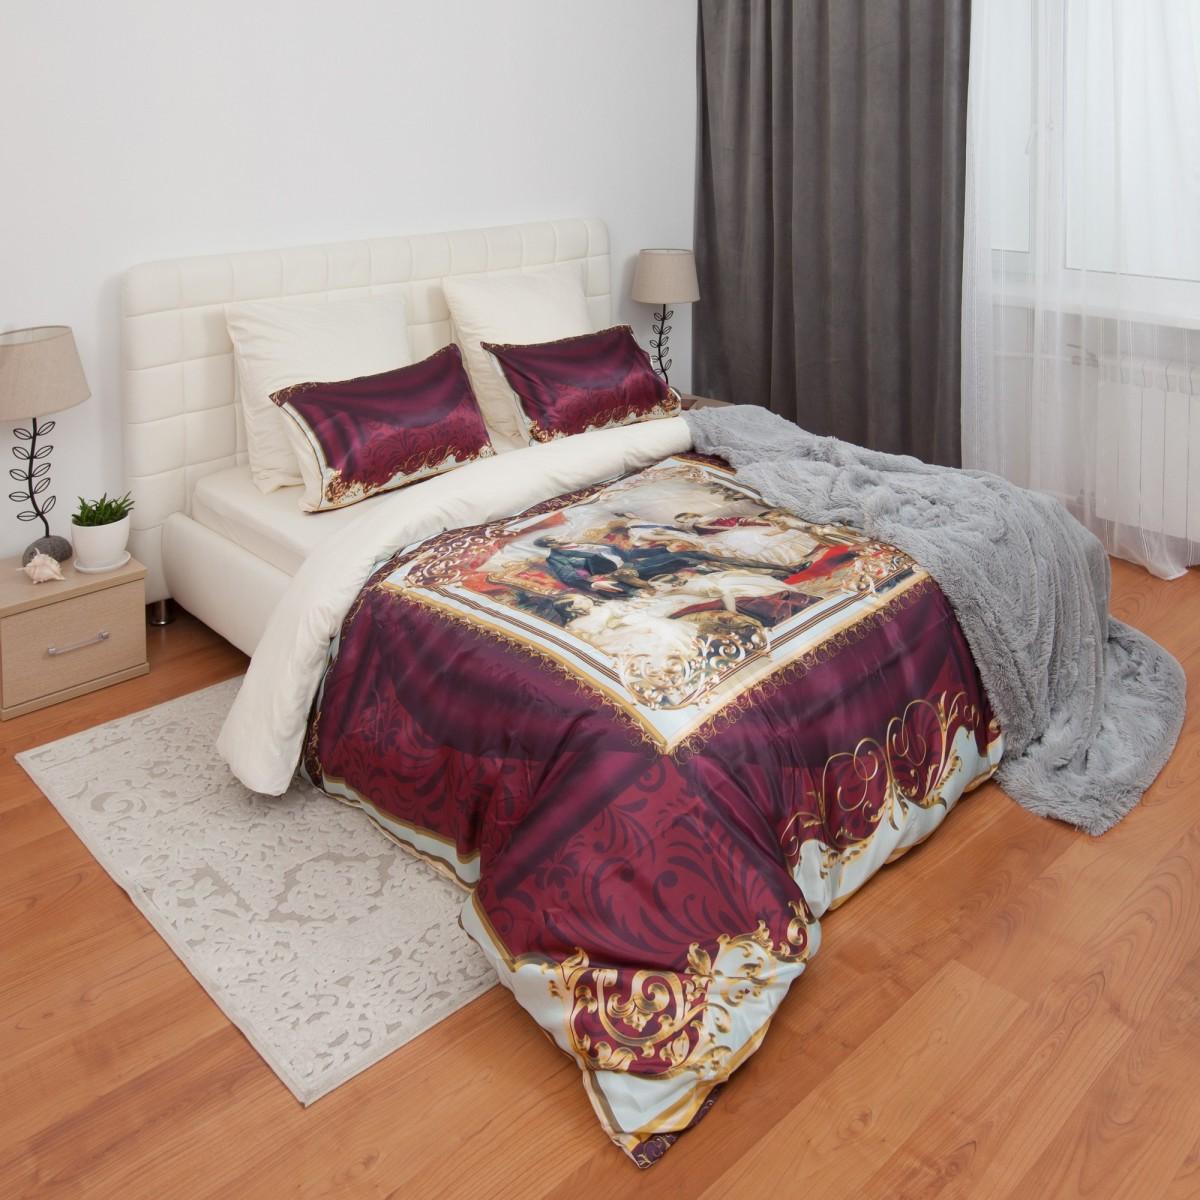 Комплект постельного белья Викторианский шик полутораспальный атлас